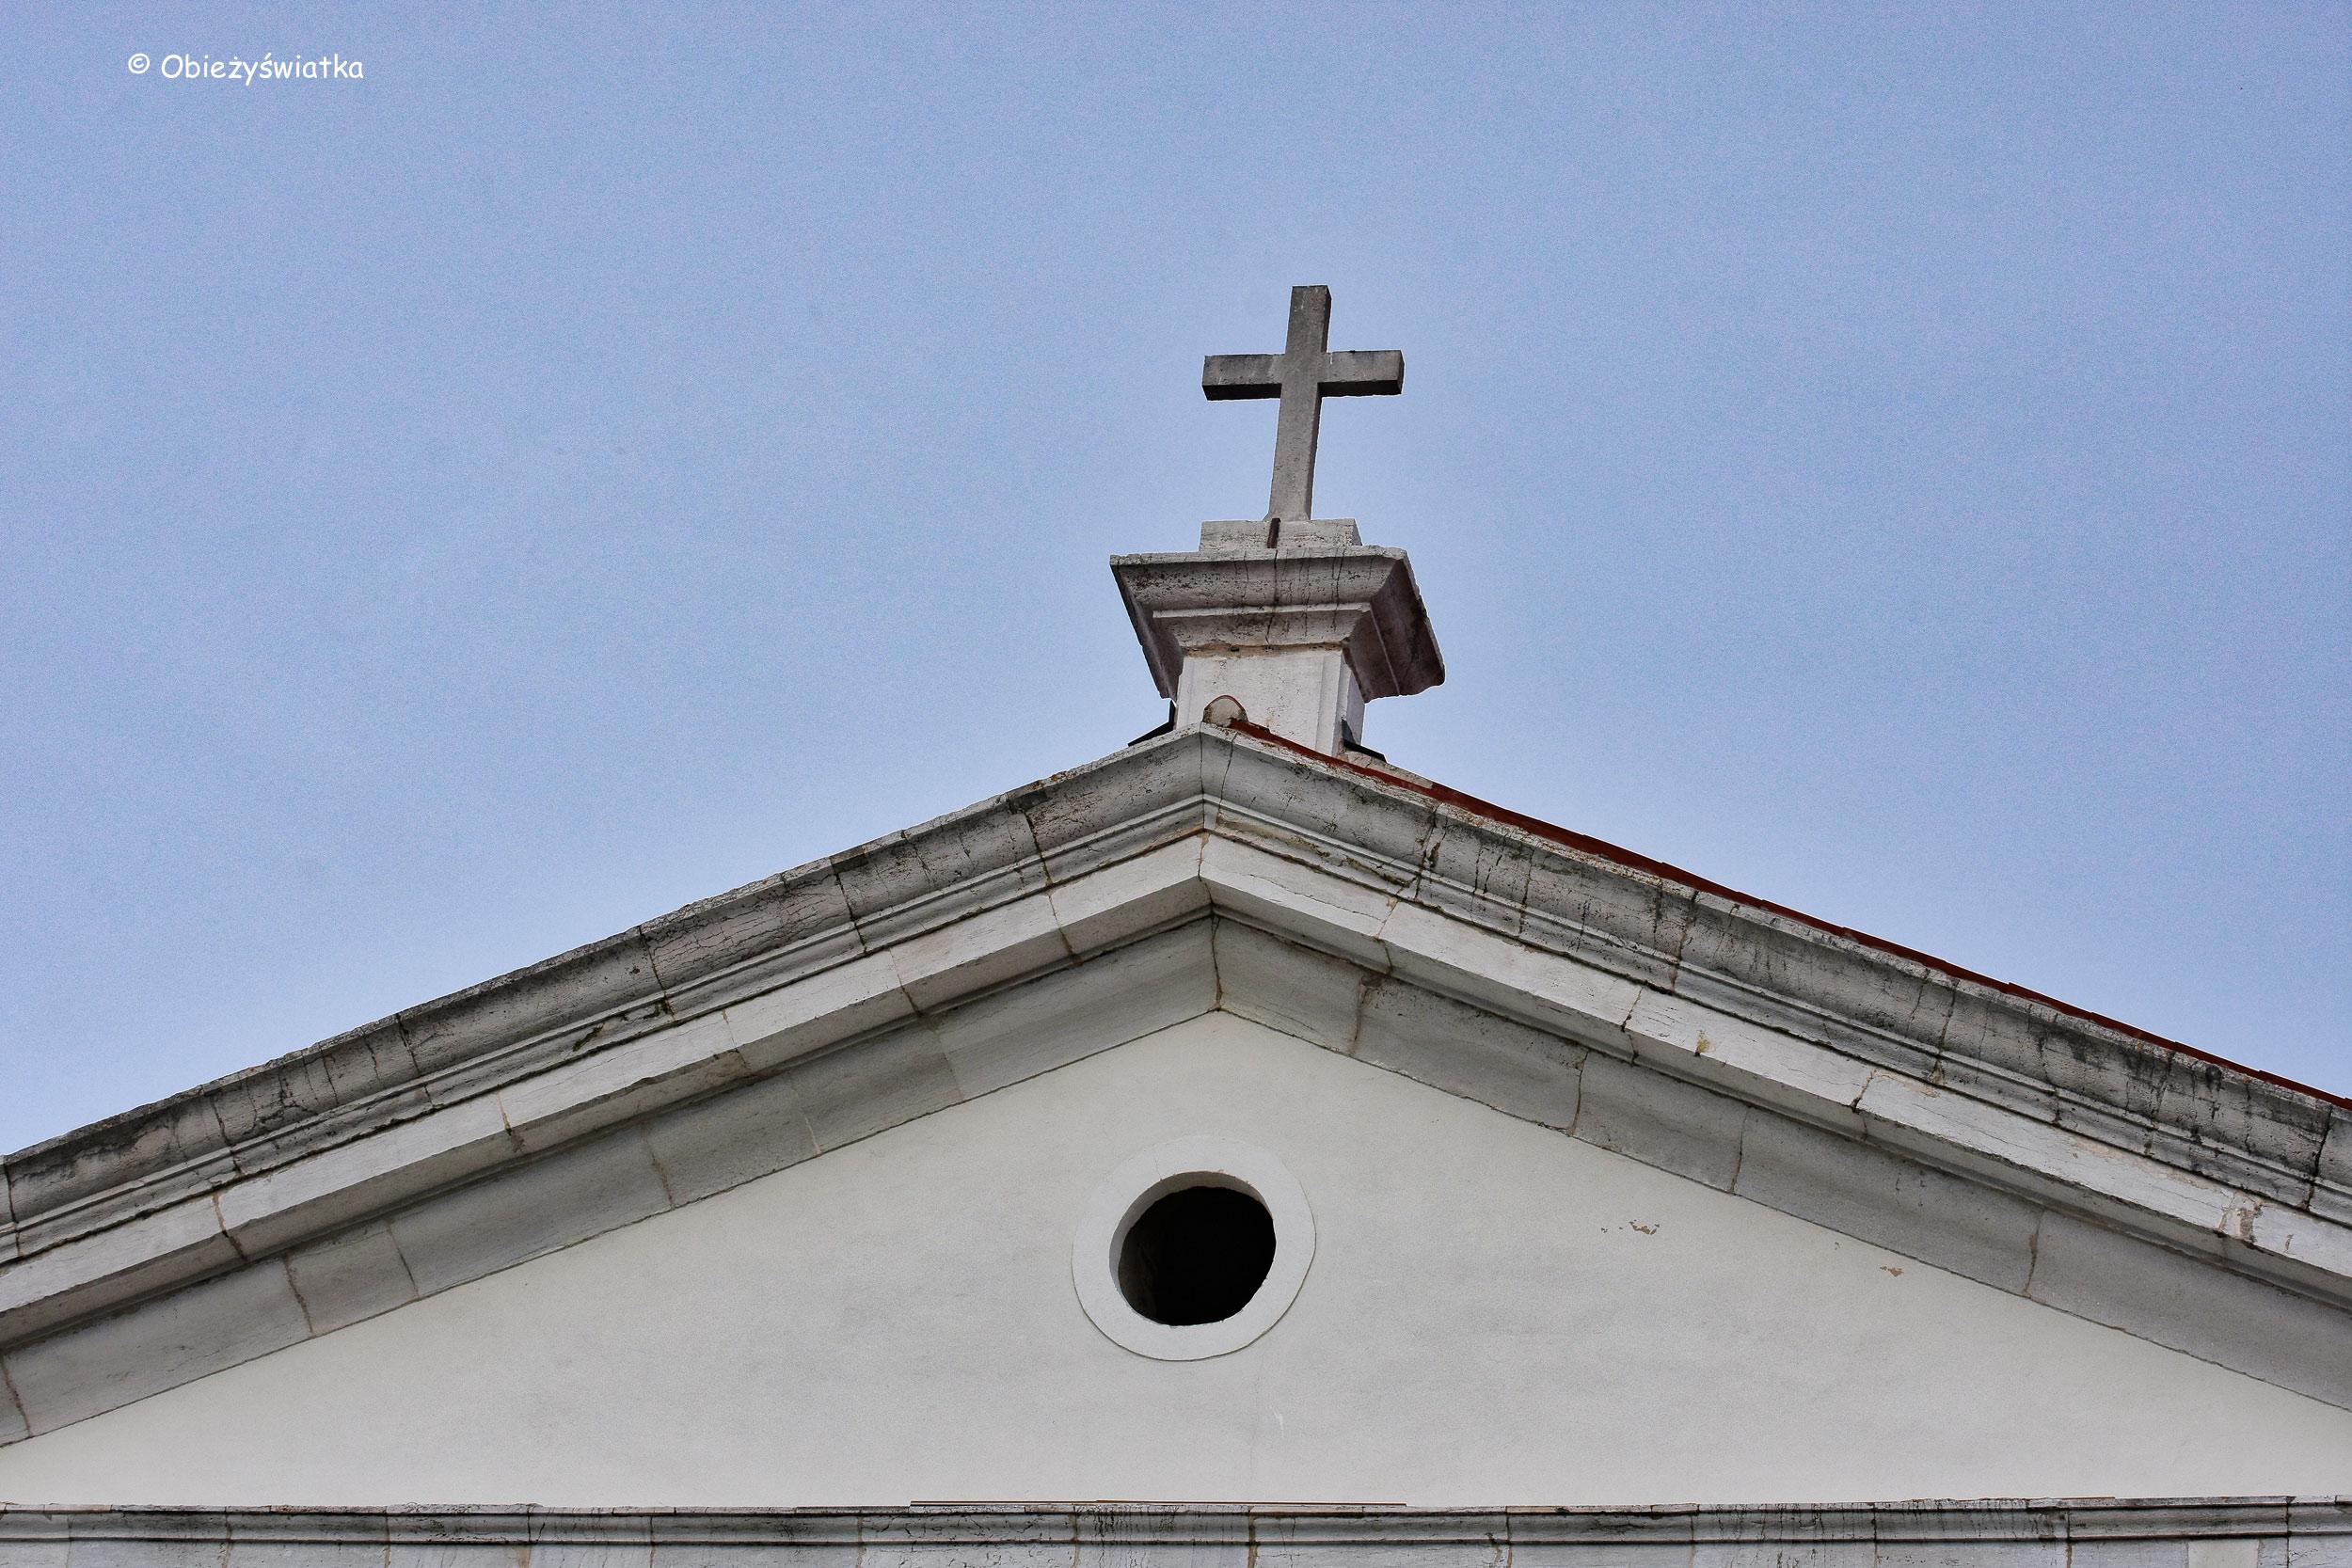 Kościół św. Jerzego, Piran, Słowenia